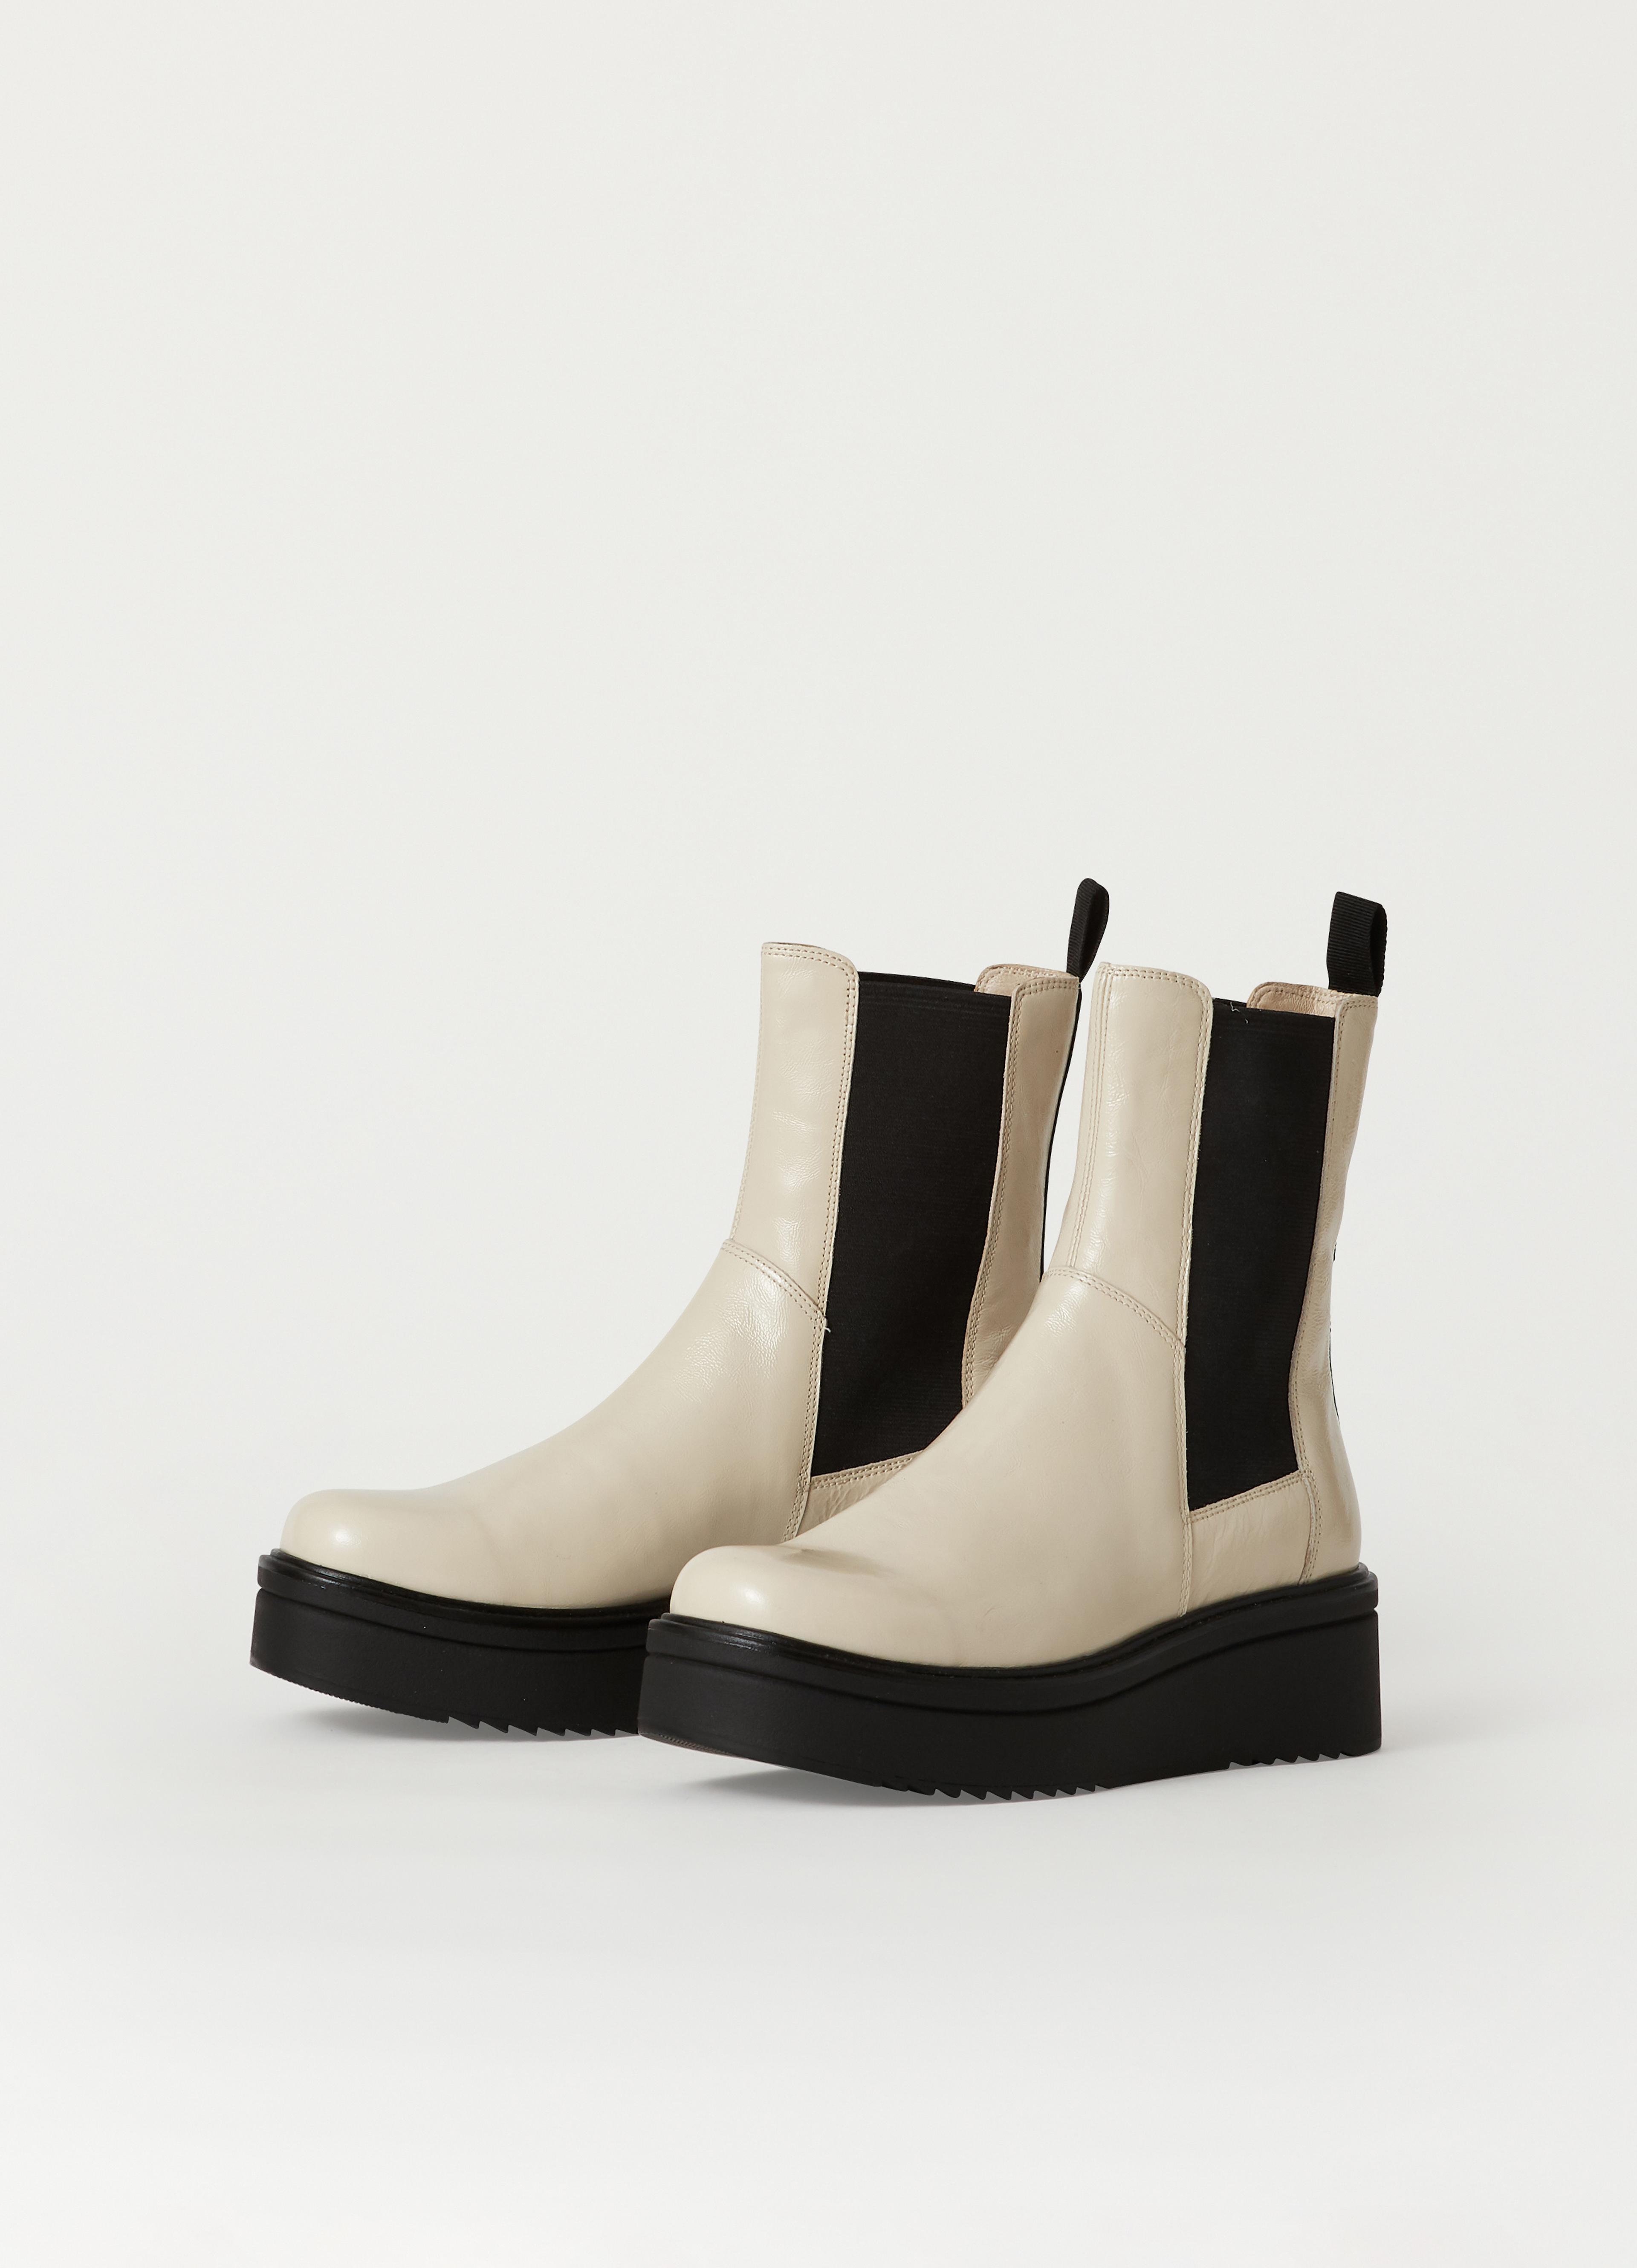 Vagabond 4846-160-05 støvle, plaster, 36